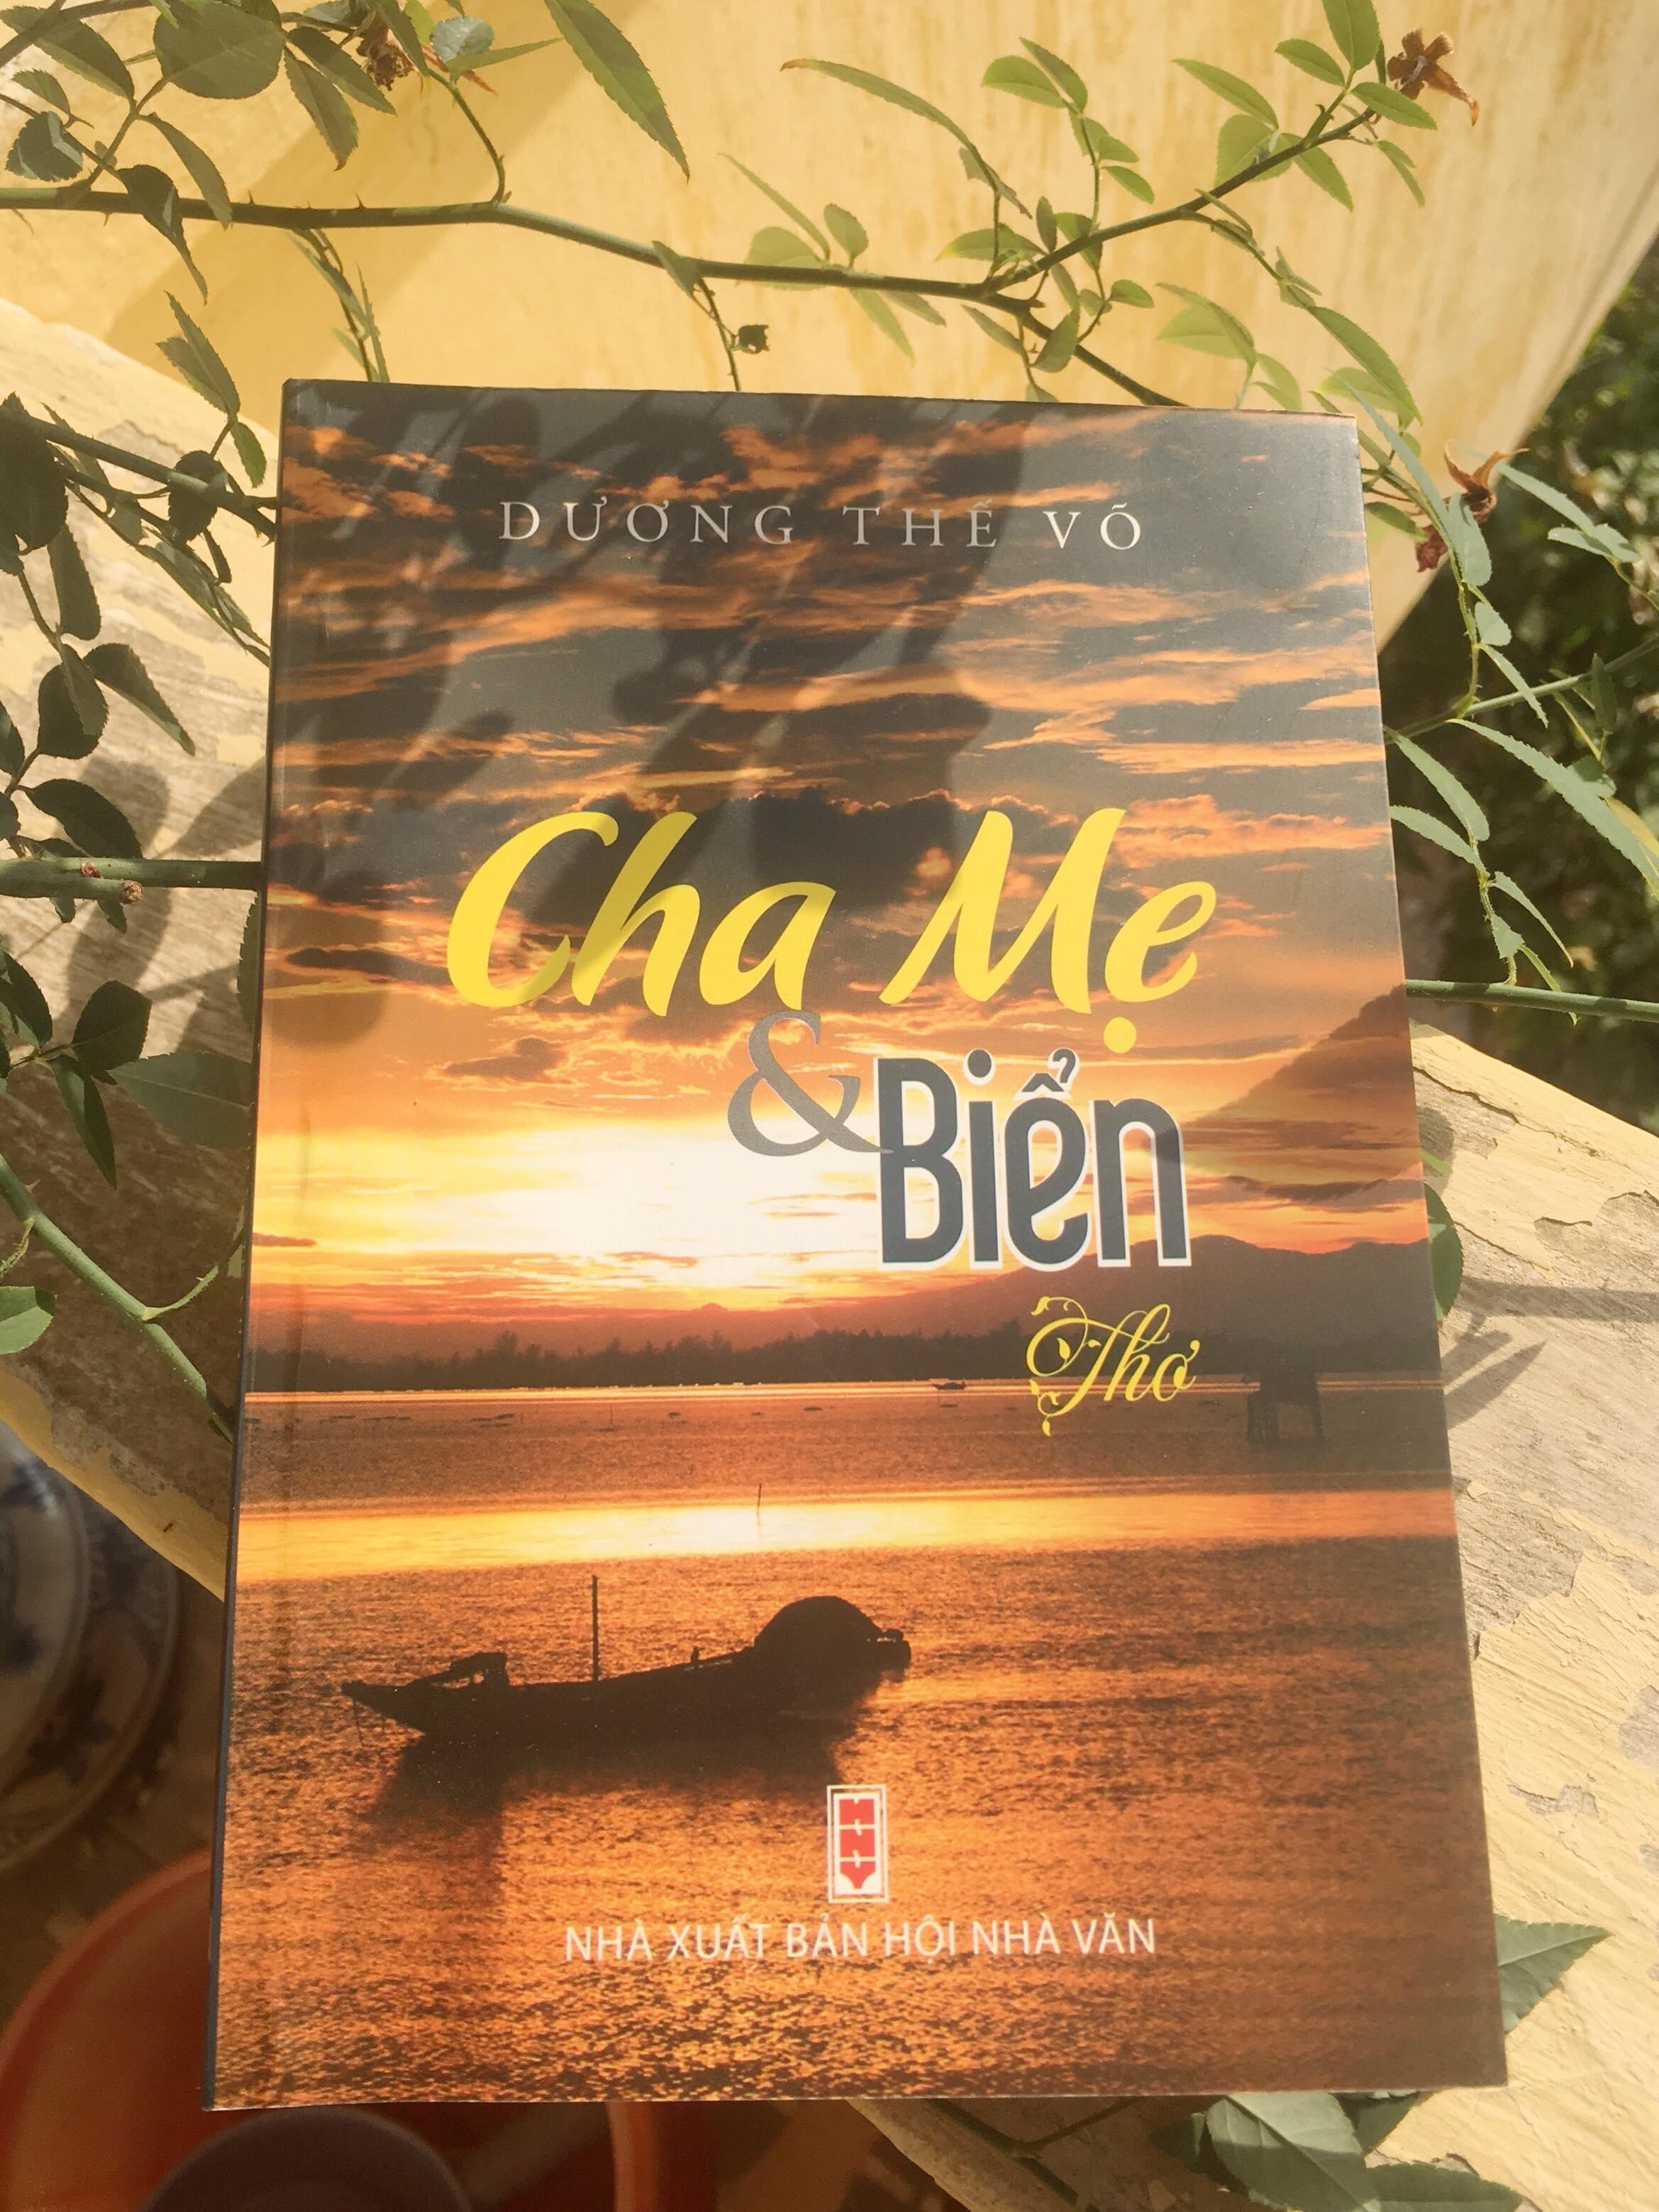 Giới thiệu chùm thơ thiếu nhi của tác giả Dương Thế Võ